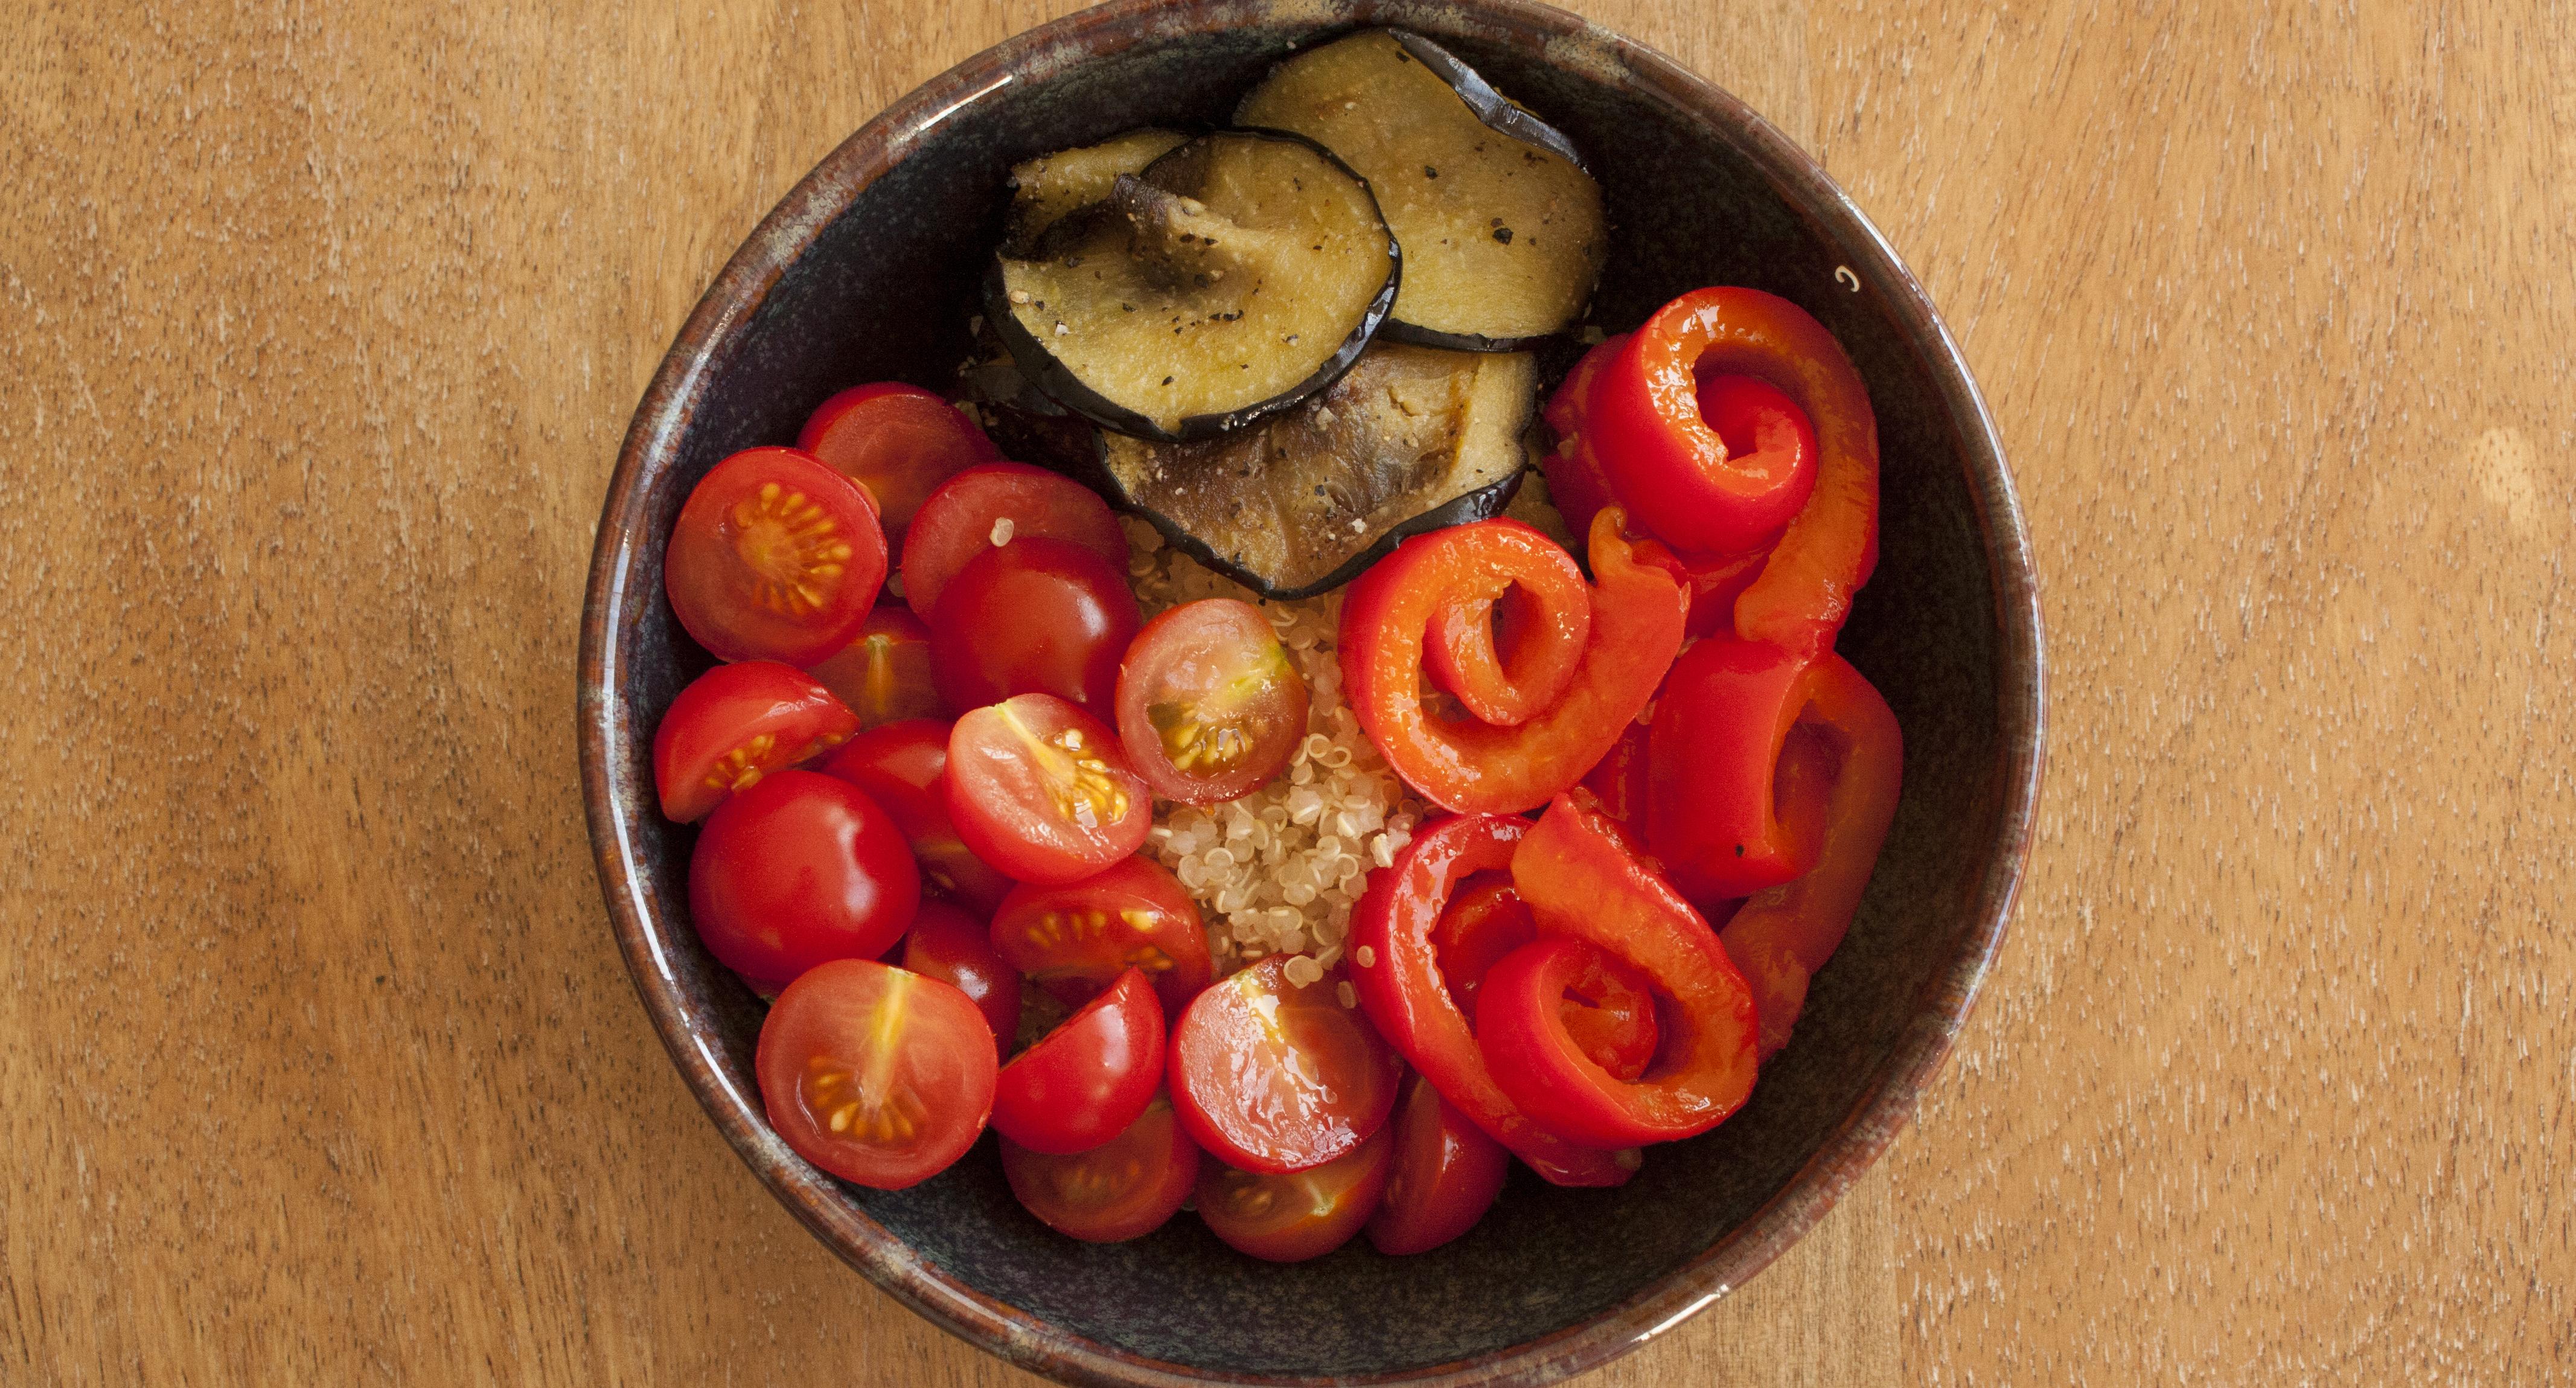 bowl no sauce 1 - bowl ensoleille